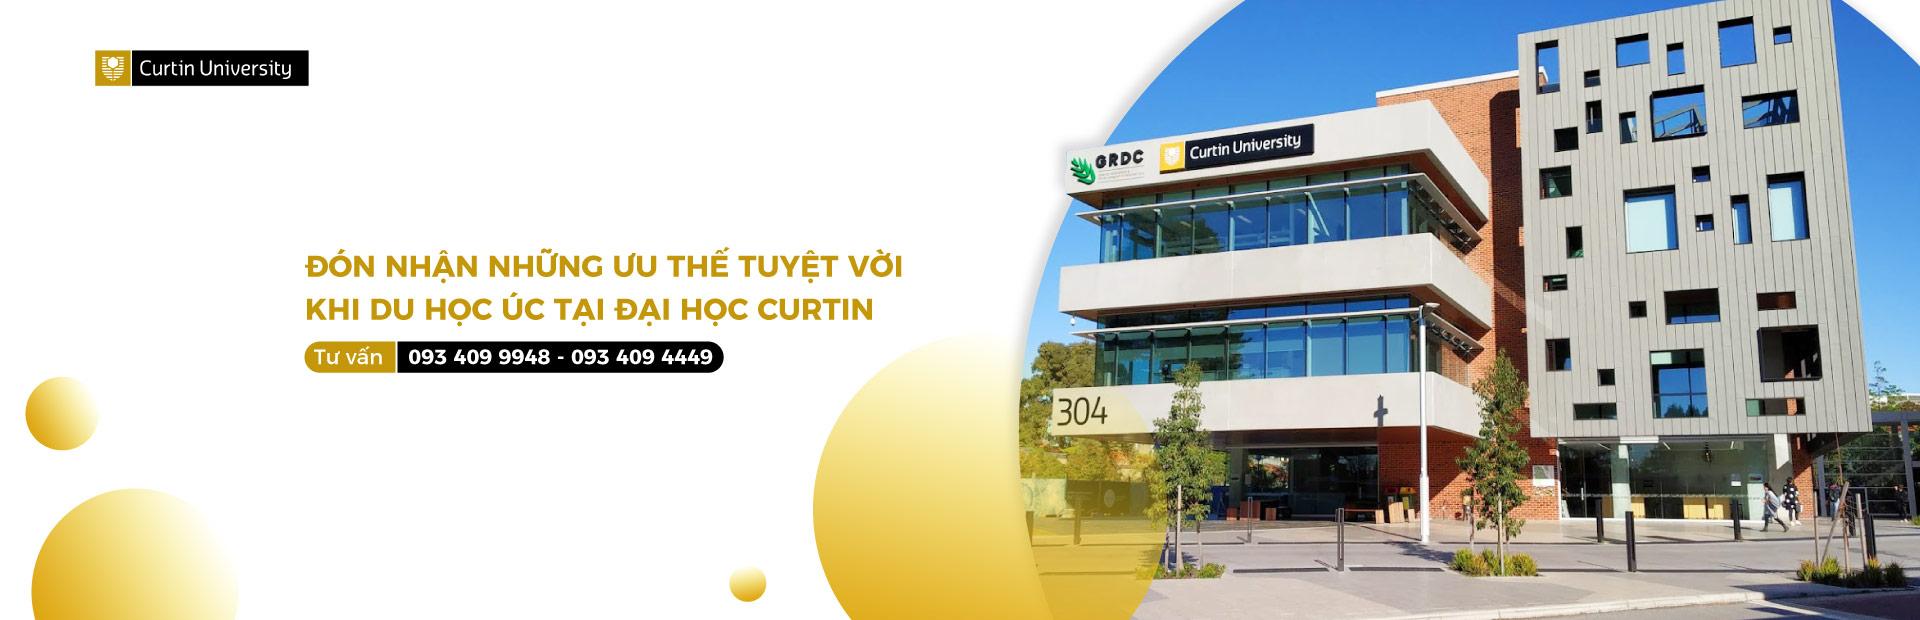 Curtin Uc